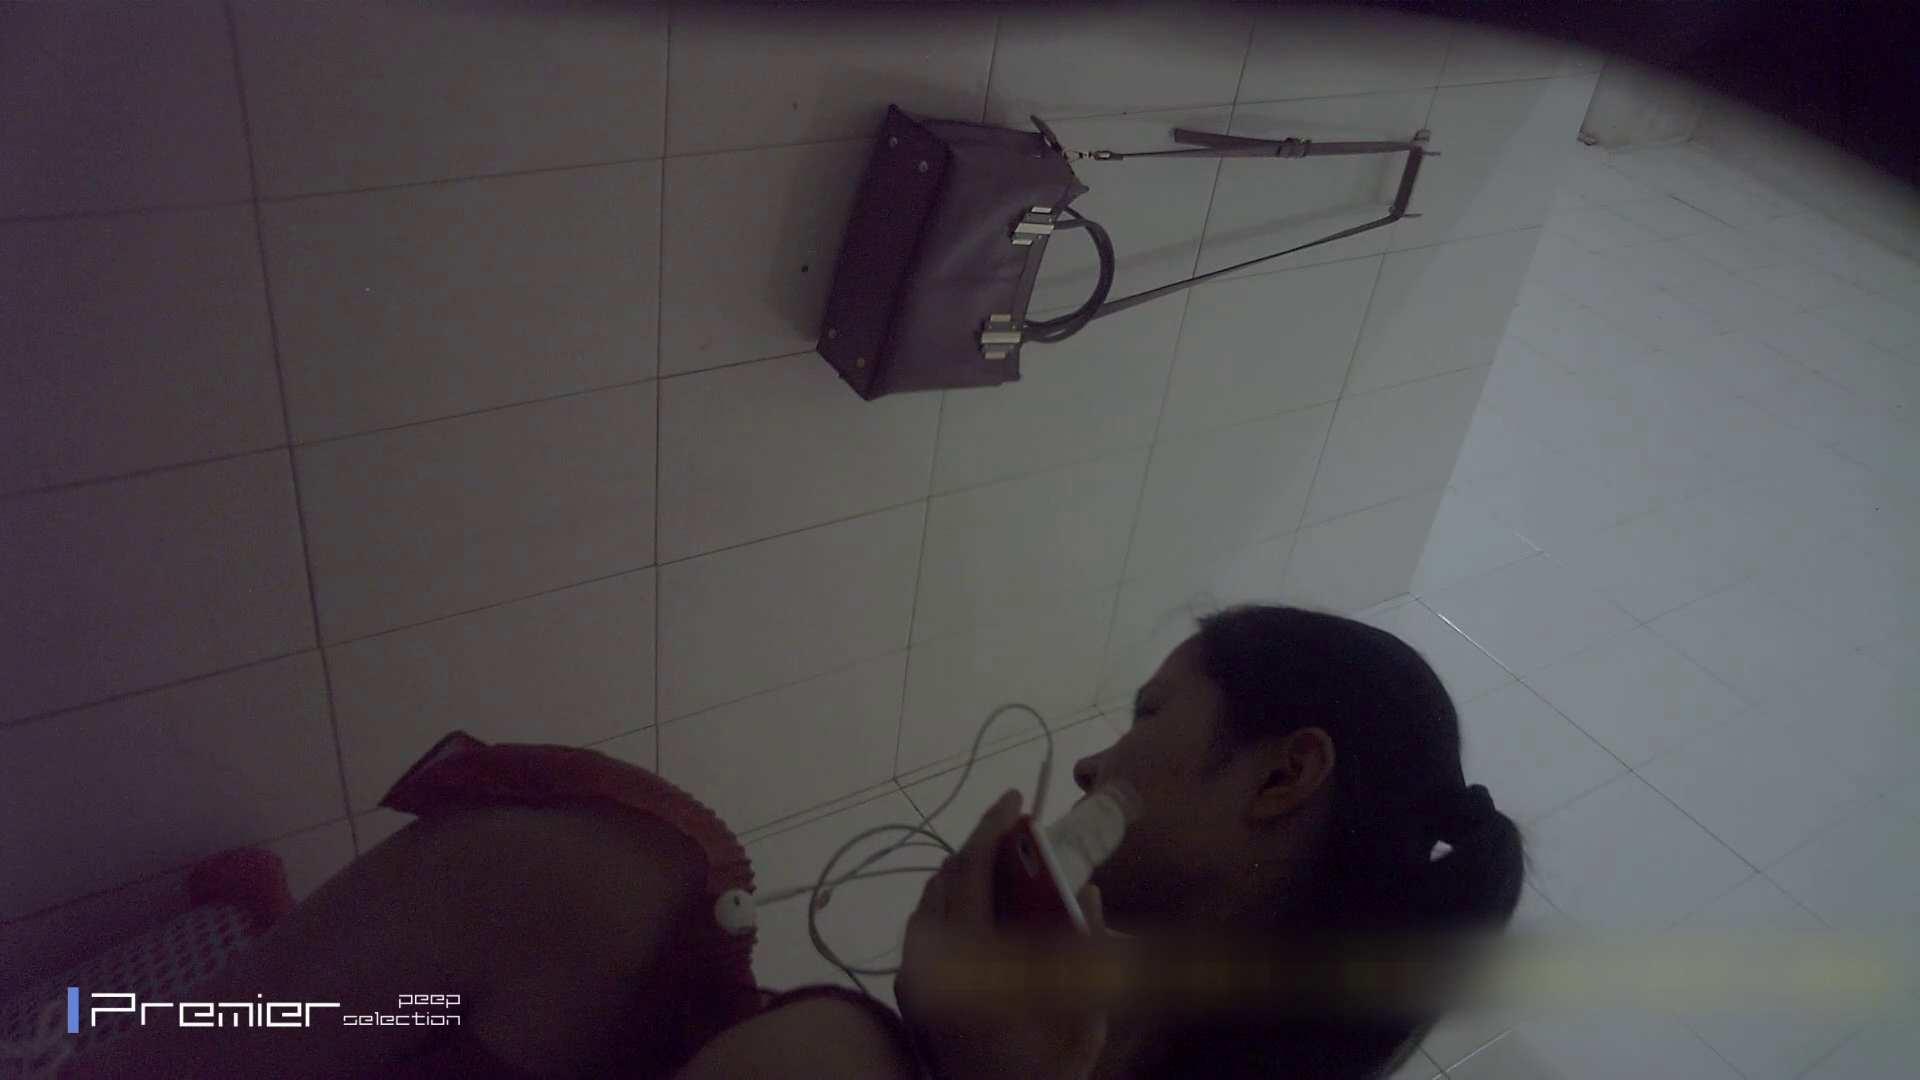 無修正エロ動画|超絶美女降臨 トイレシーンを密着盗撮!! 美女の痴態に密着!Vol.26|怪盗ジョーカー